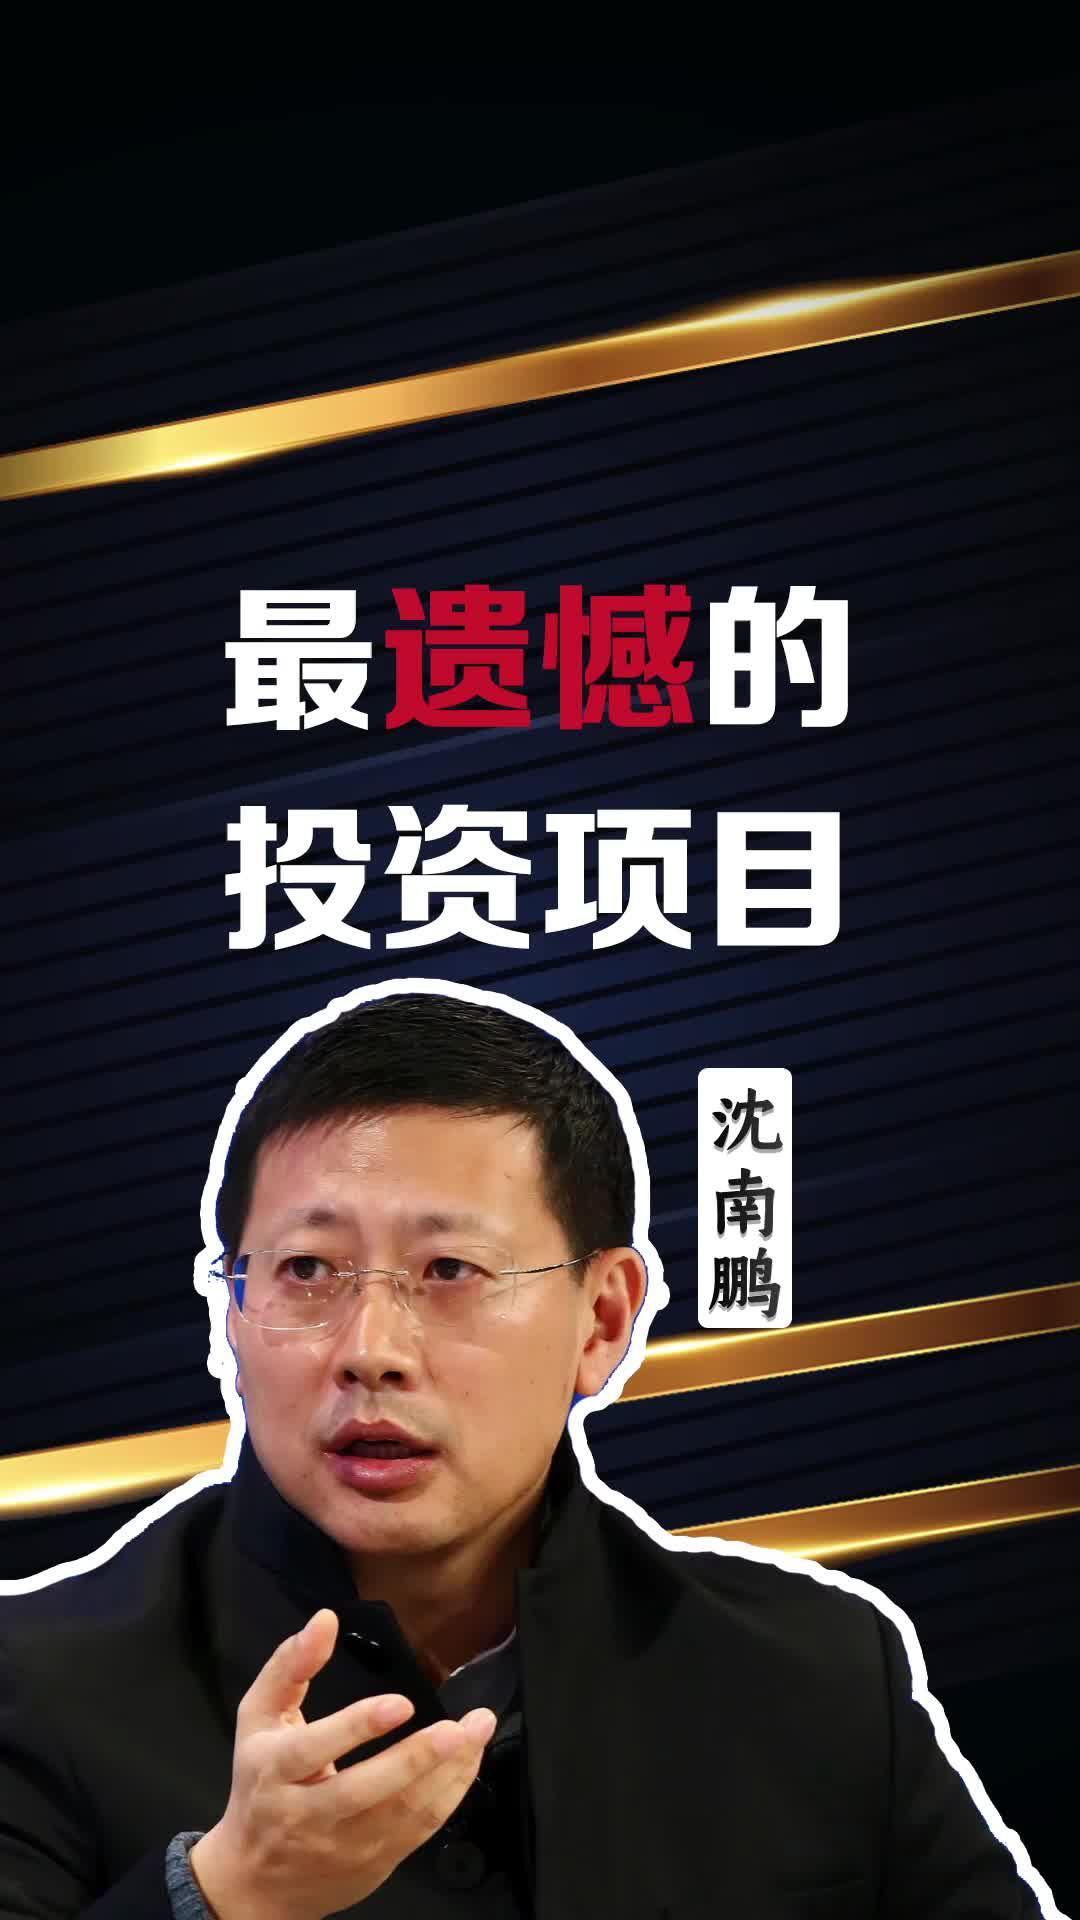 让著名投资人沈南鹏最遗憾的投资,你知道是哪个吗?